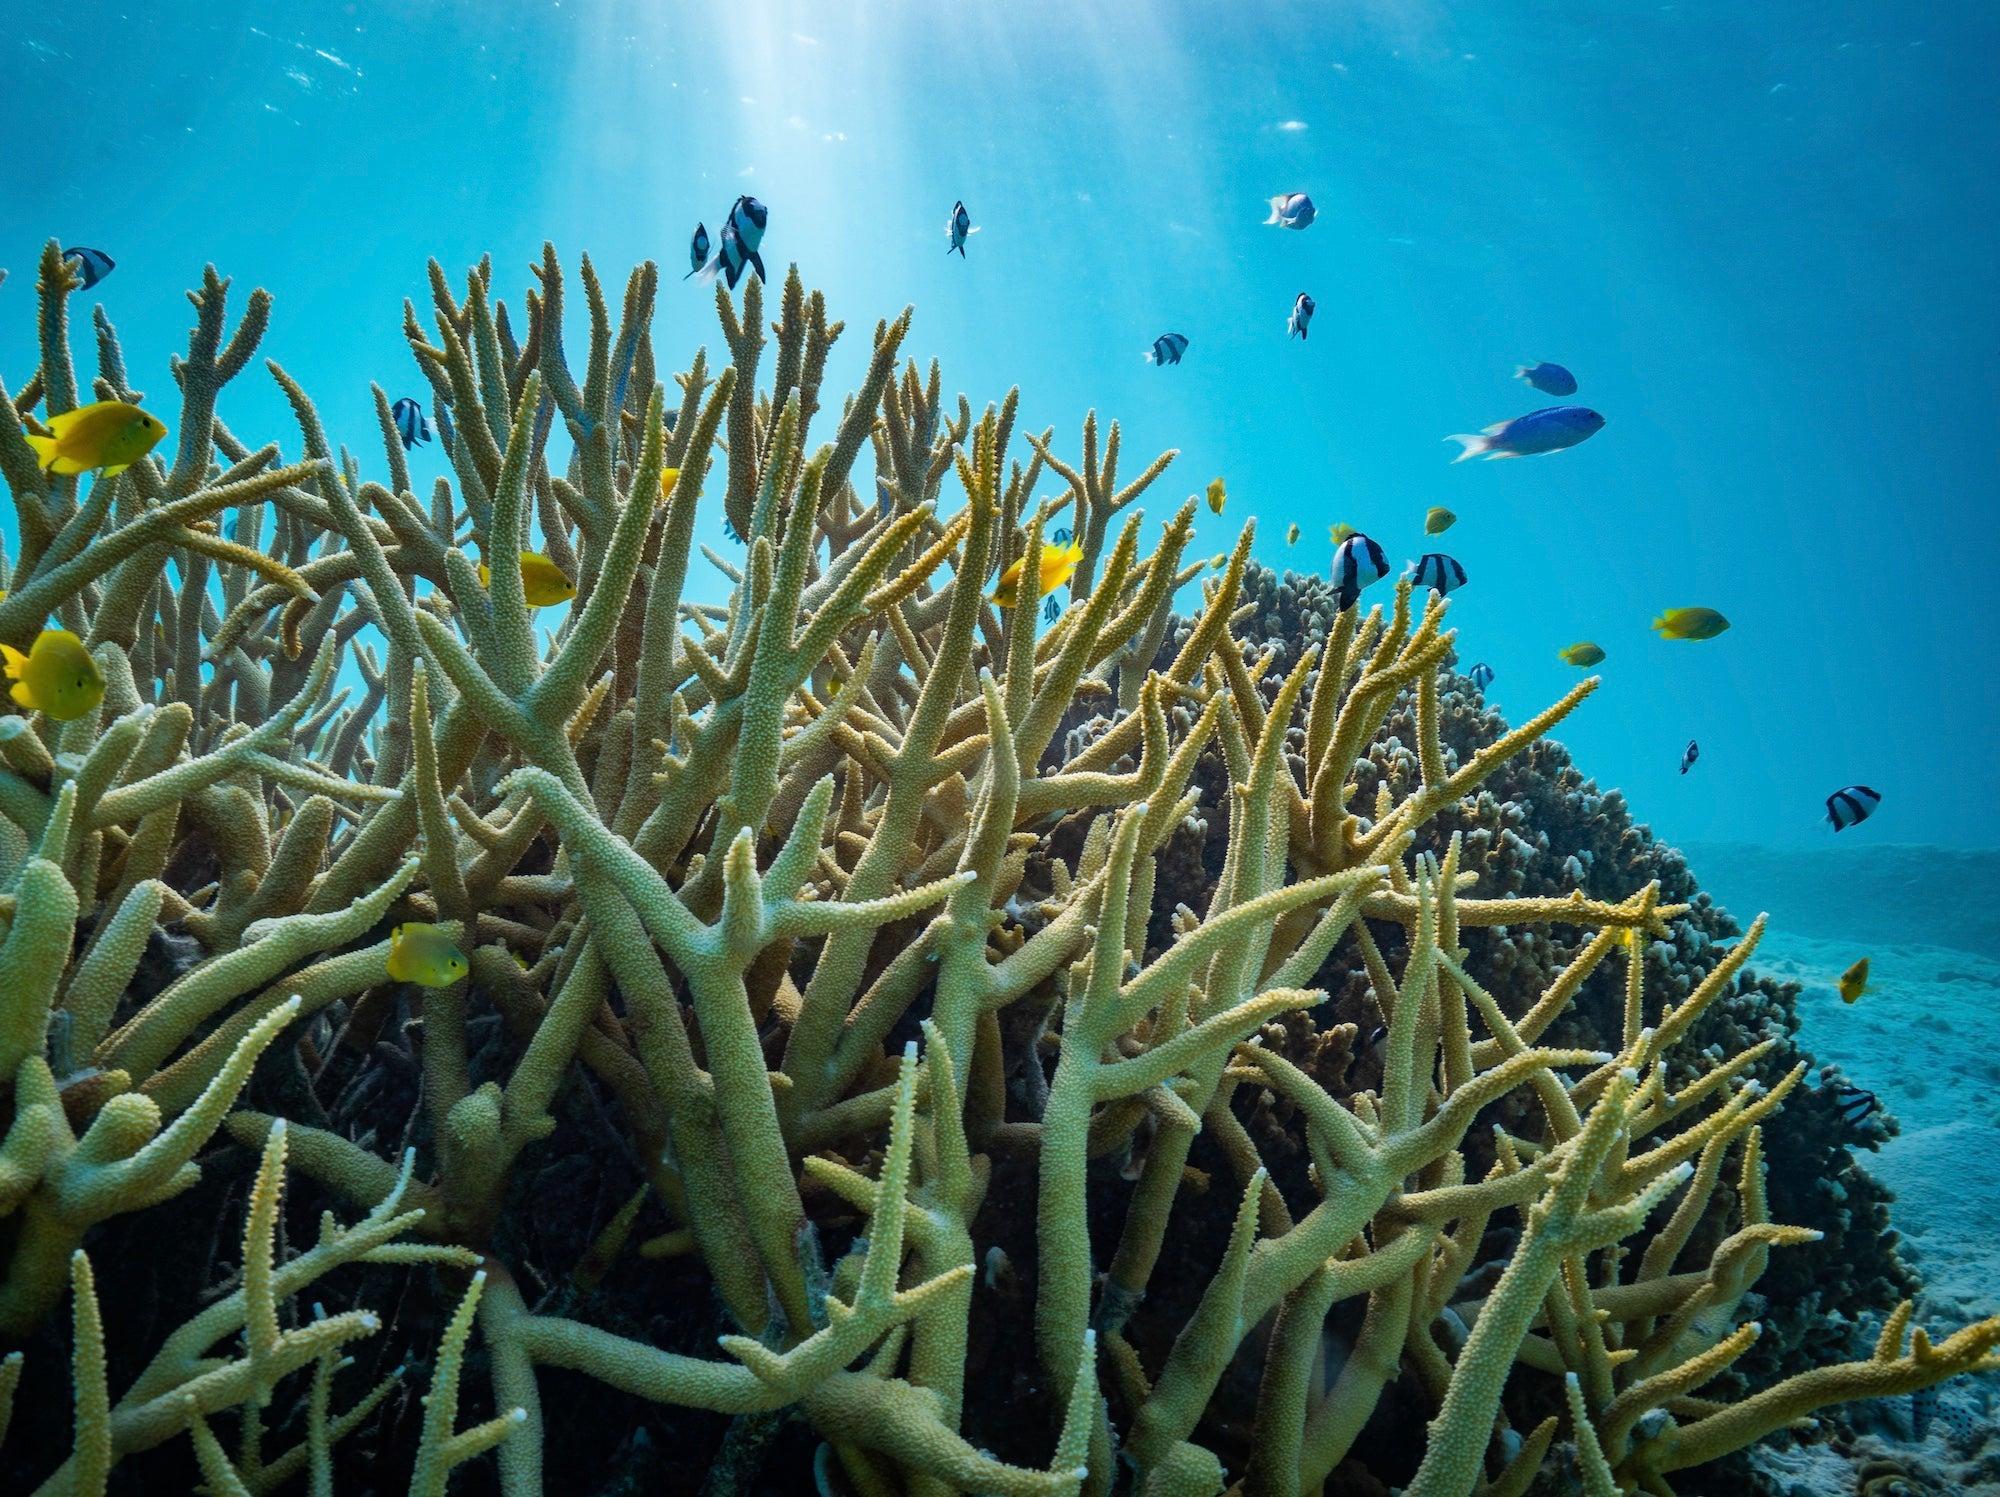 Punta Norte: ¿Qué pez puede infundir más temor que un tiburón?